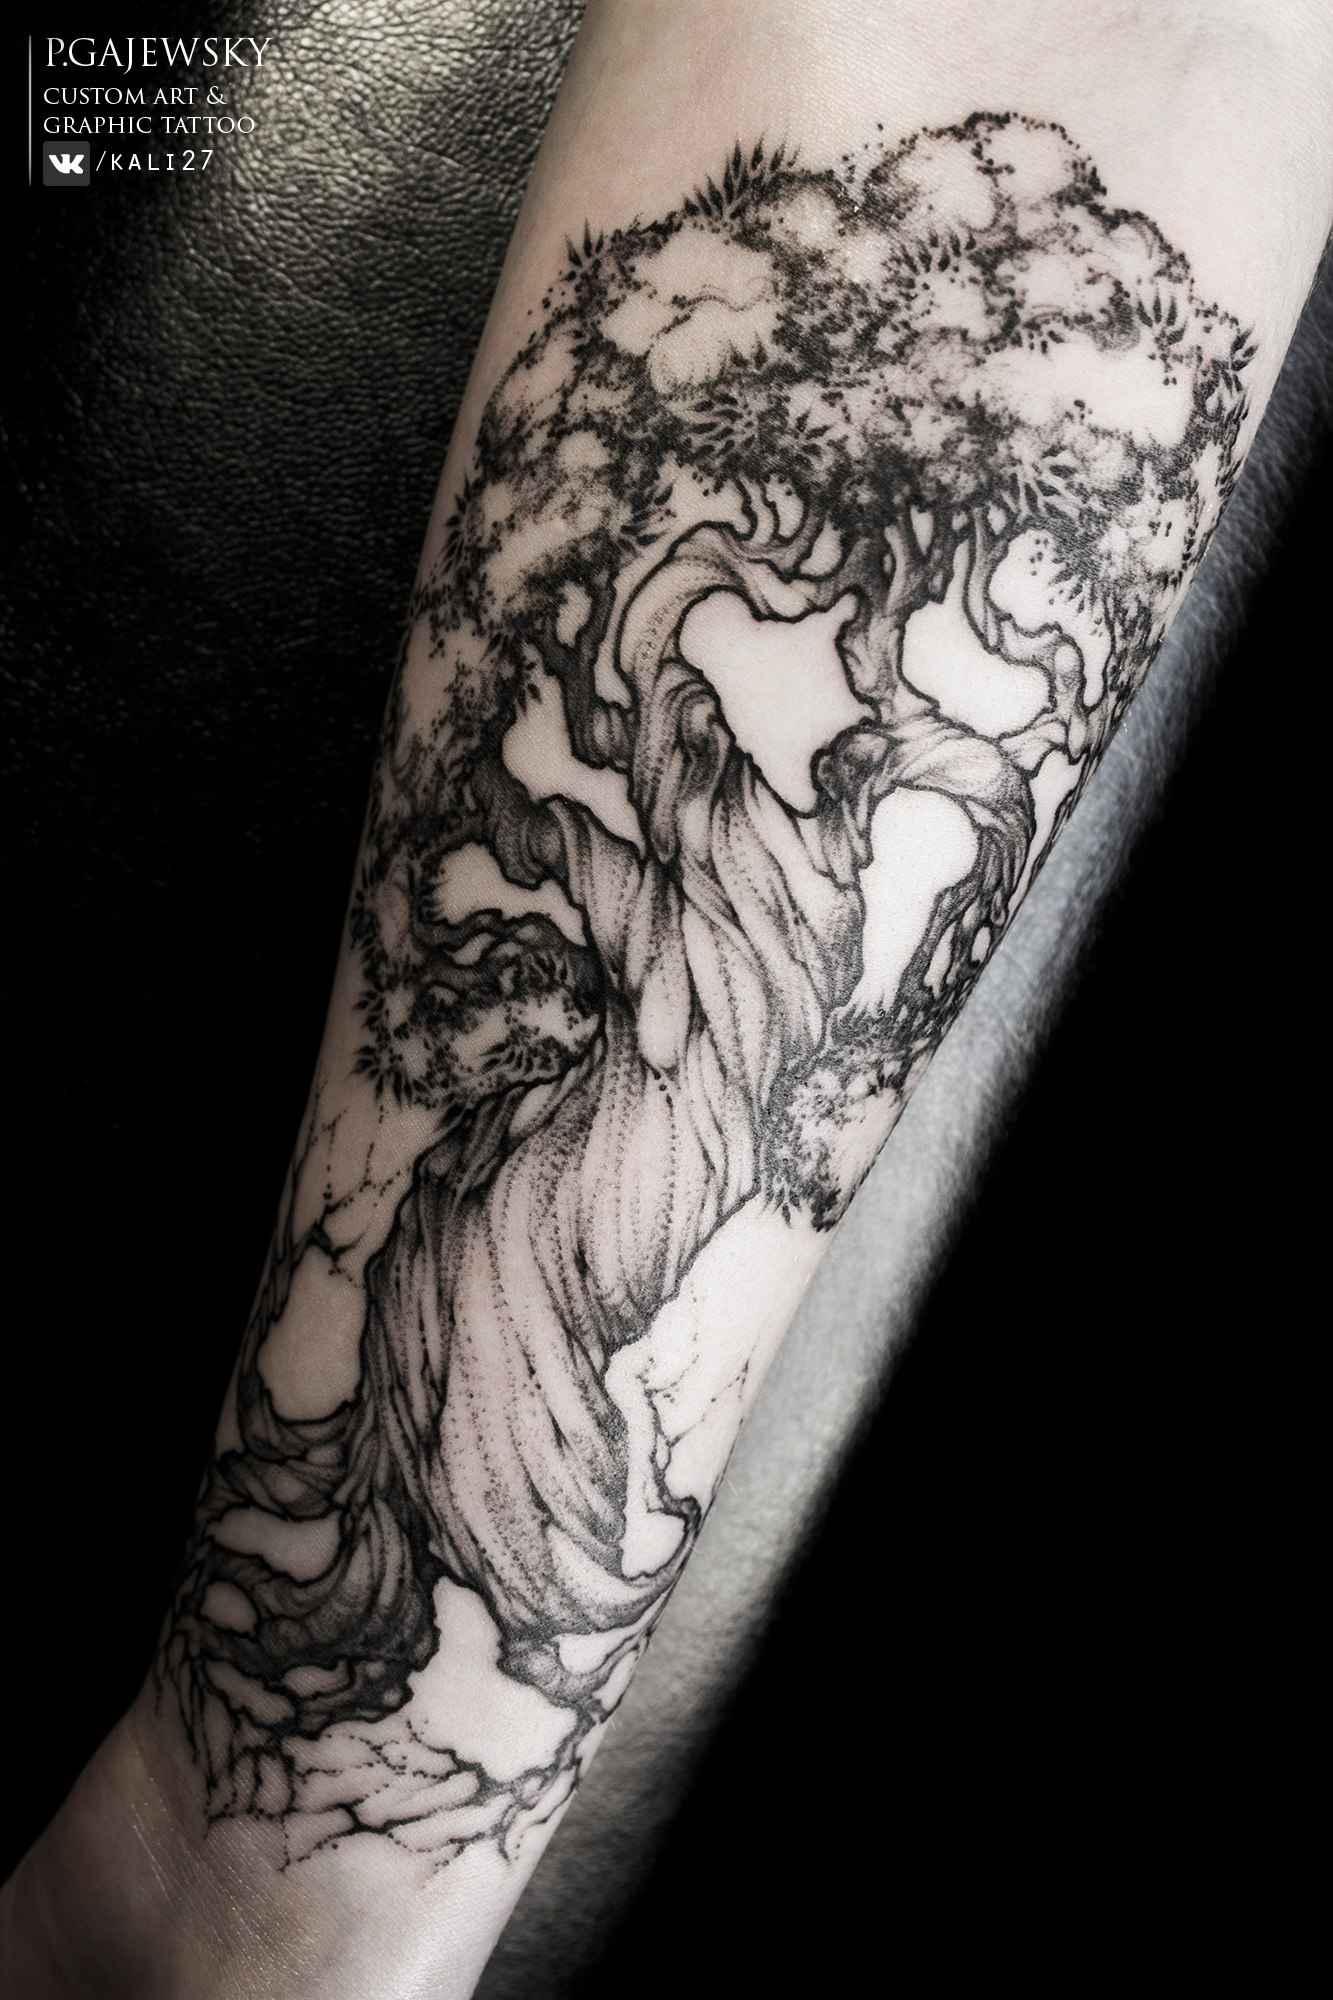 Tattoo artist polina gajewsky st petersburg russia for Nocturnal tattoo ink